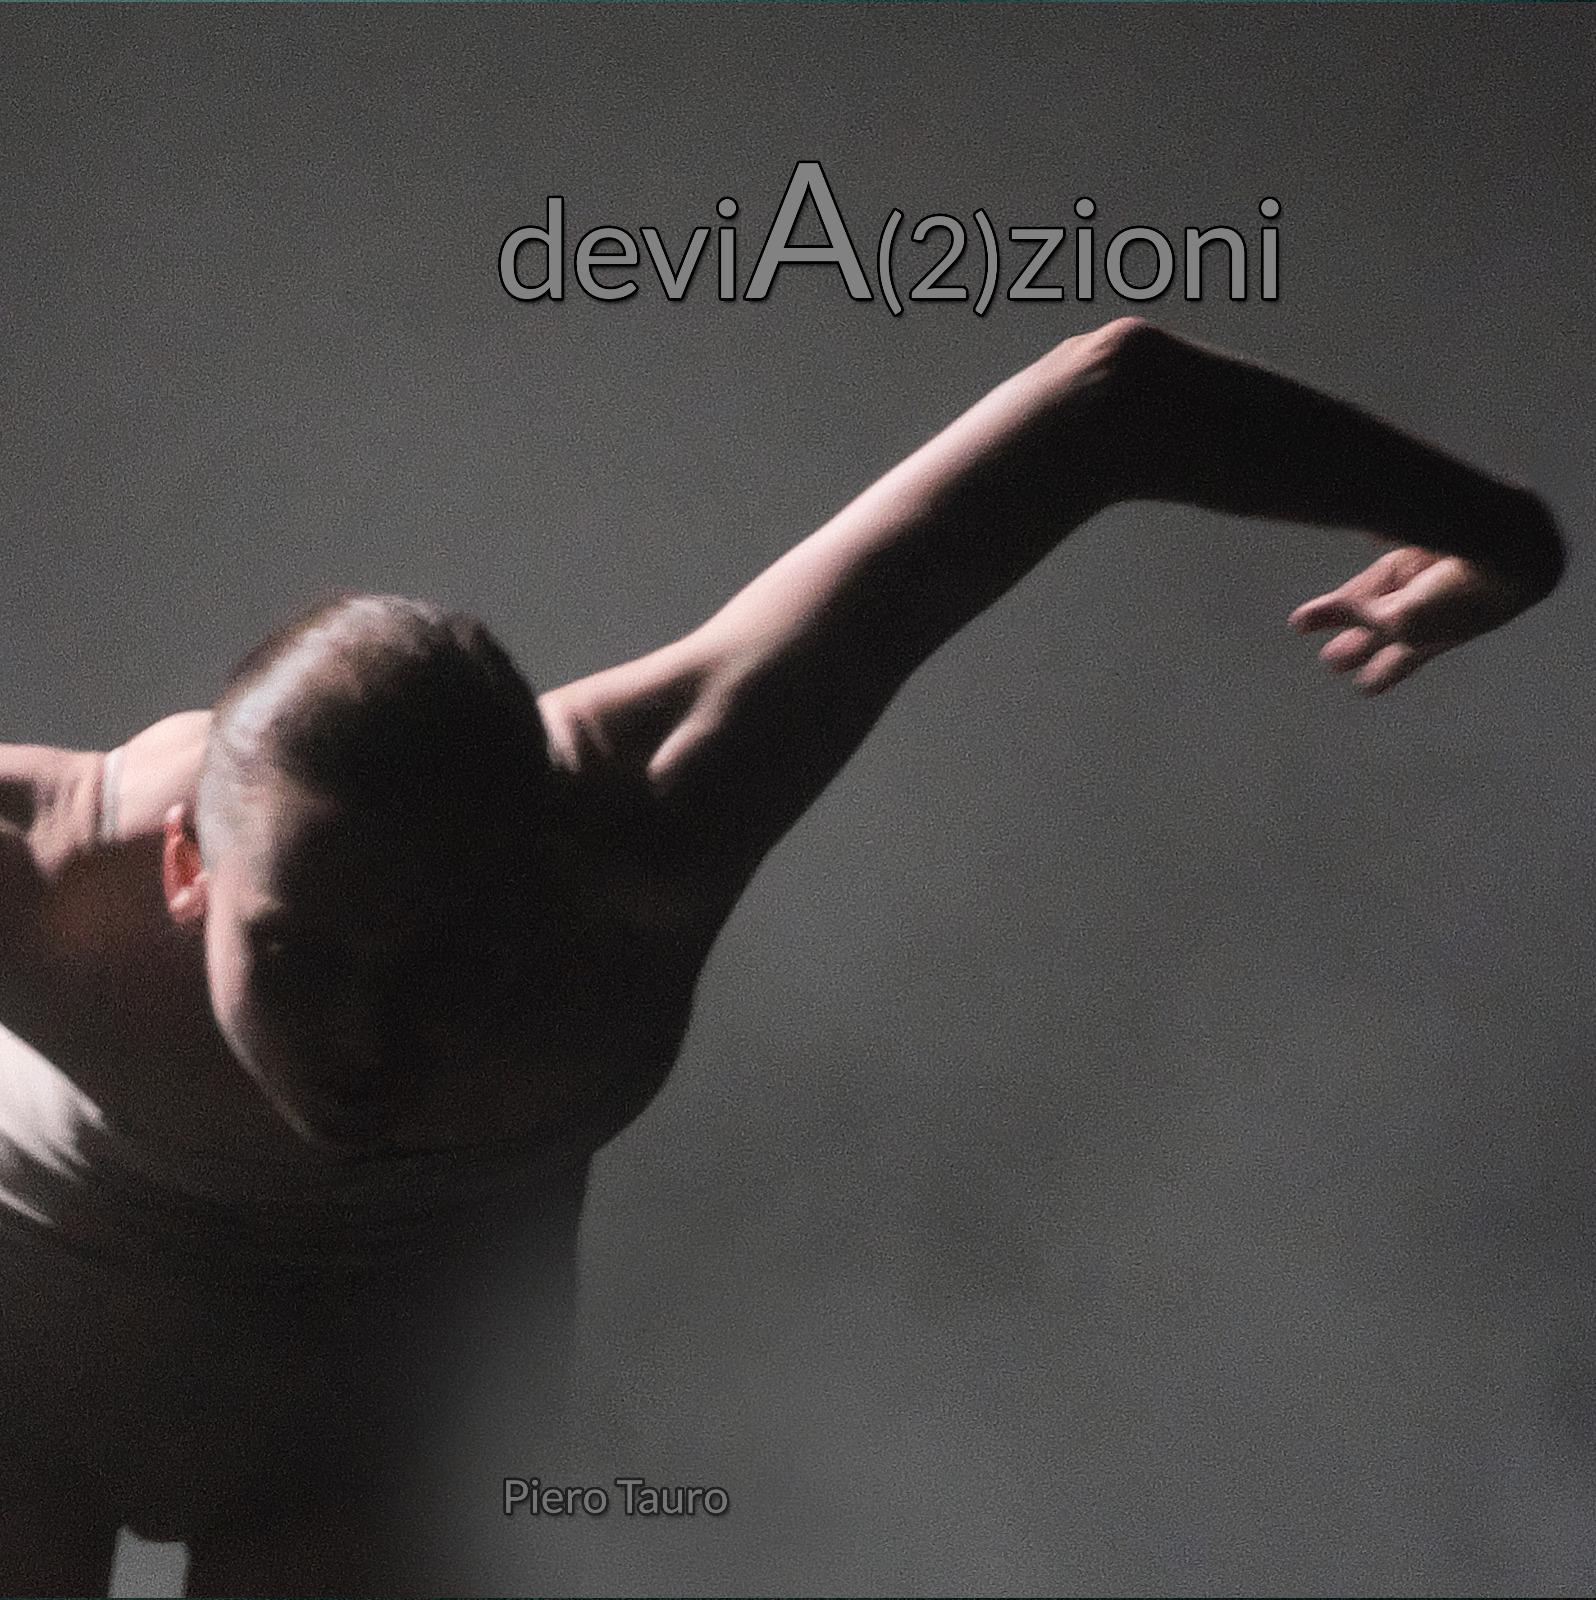 deviA(2)zioni